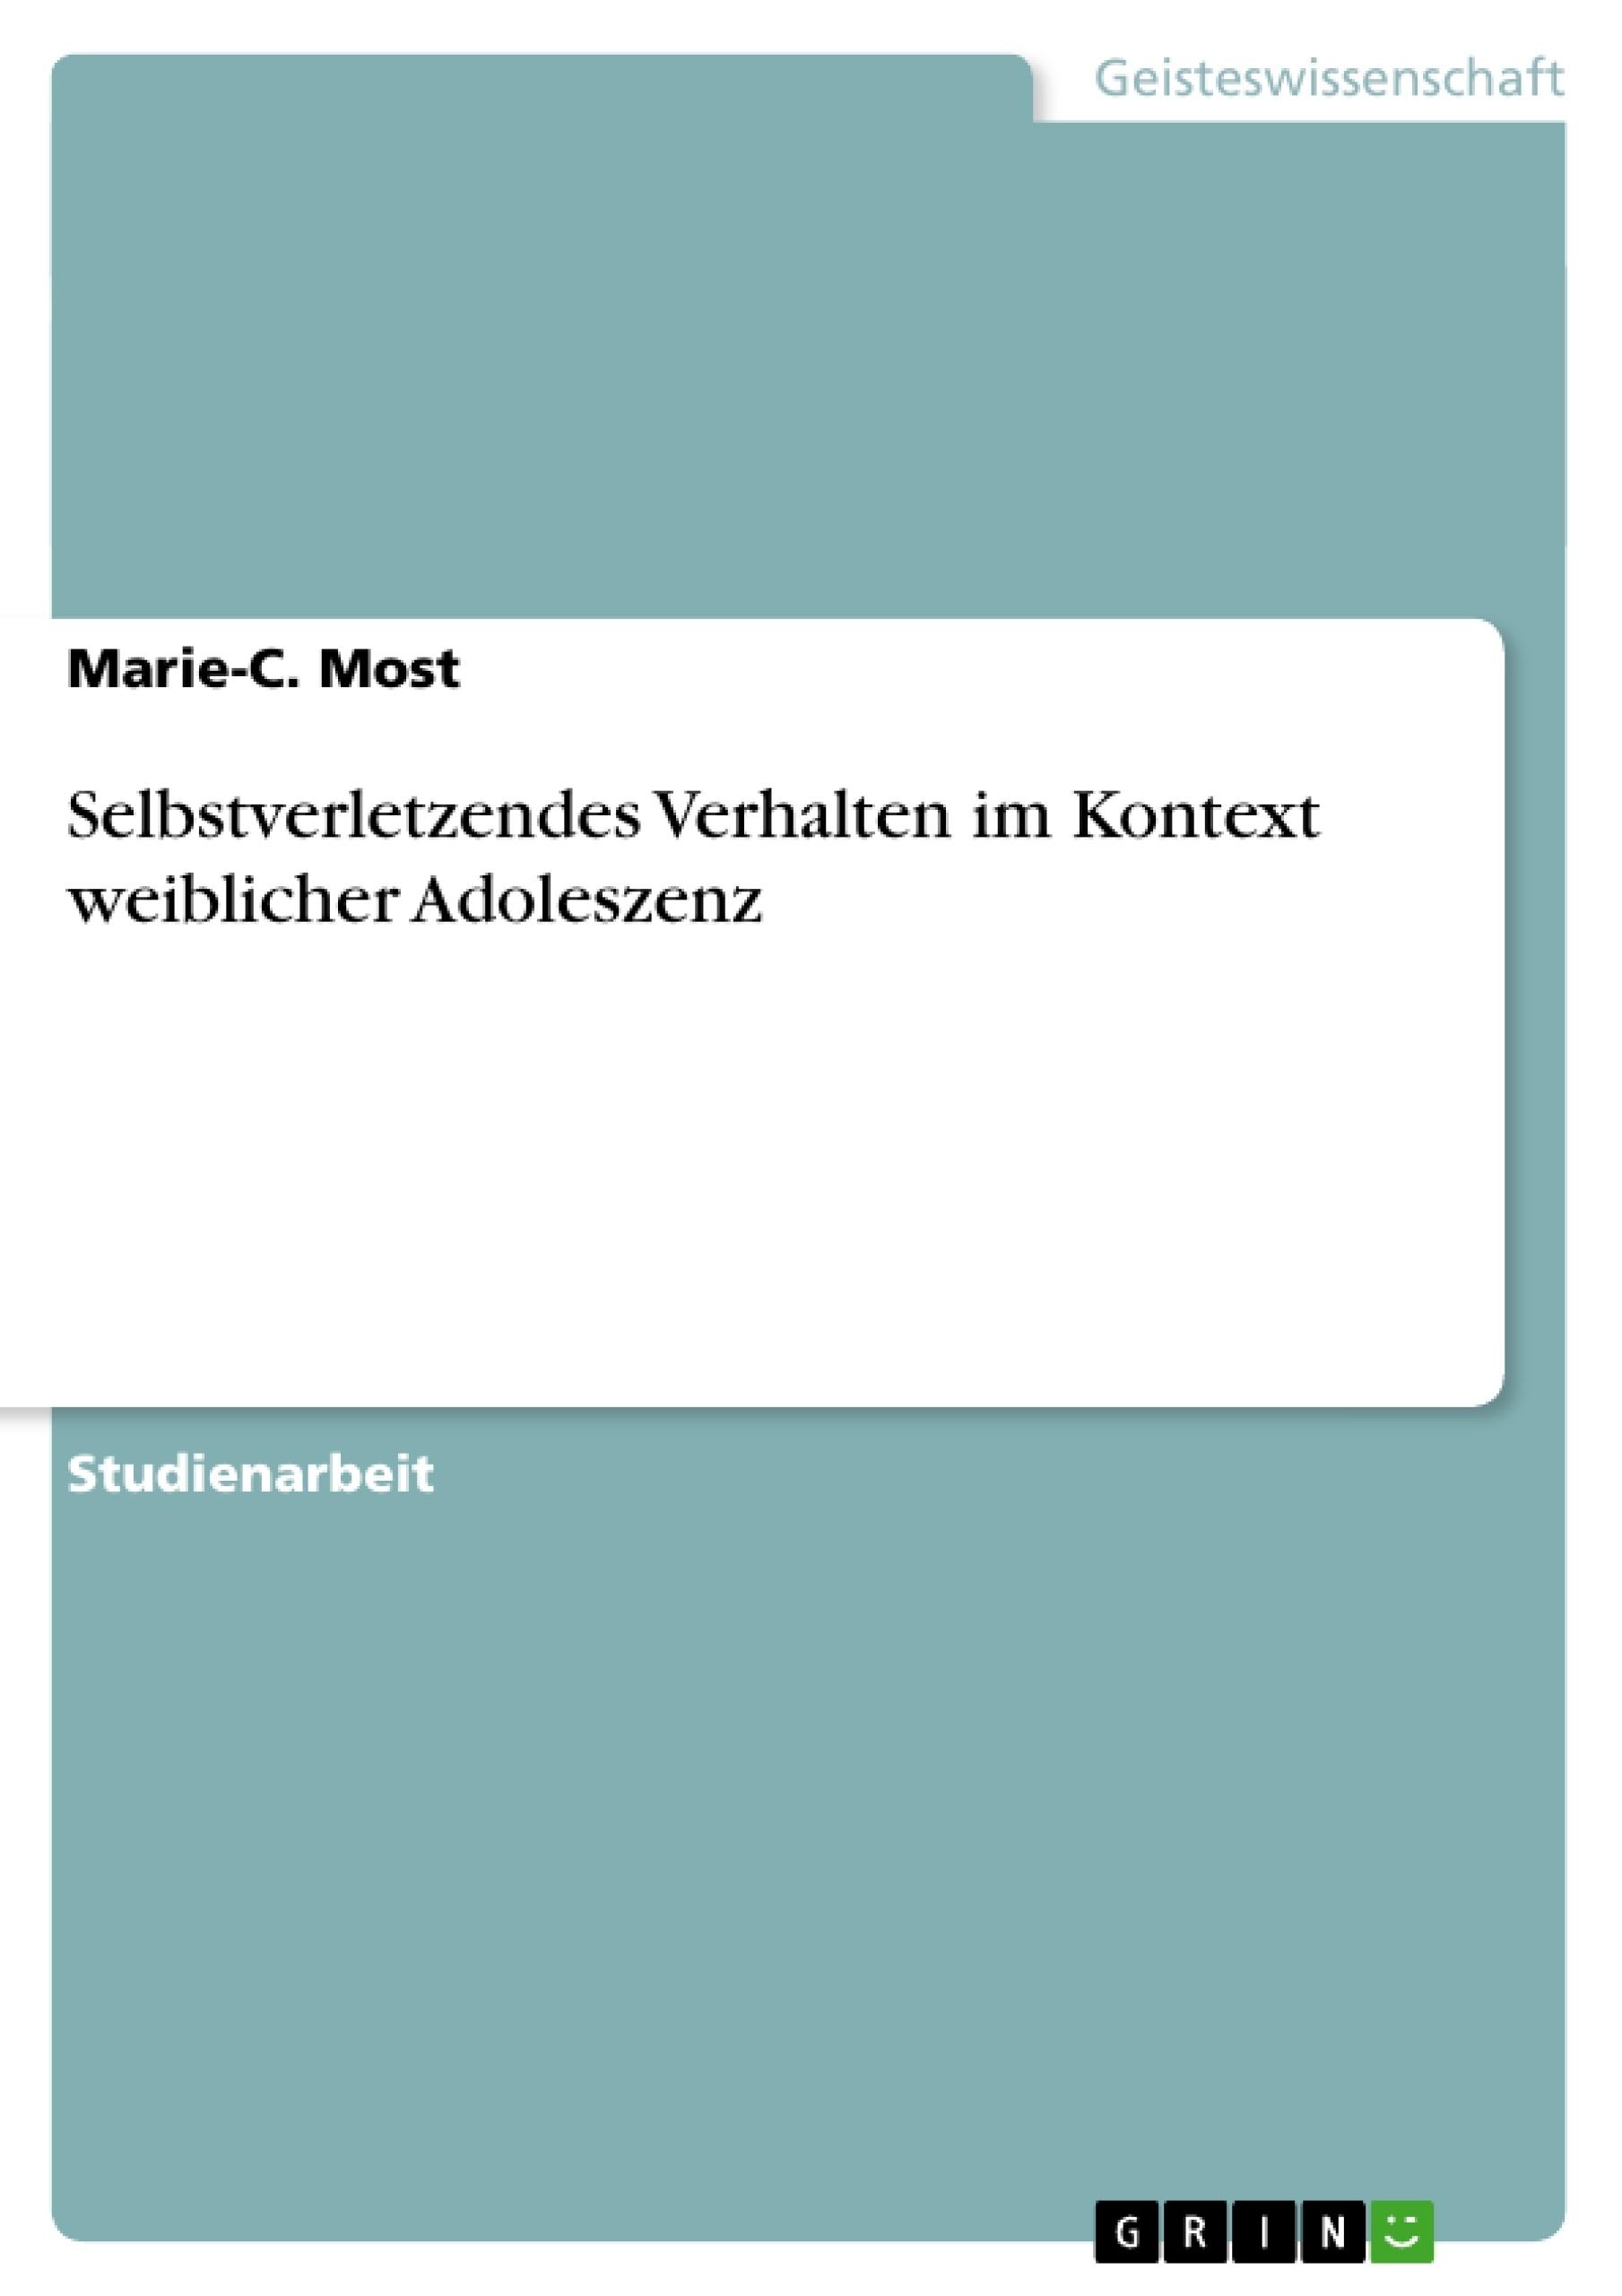 Titel: Selbstverletzendes Verhalten im Kontext weiblicher Adoleszenz